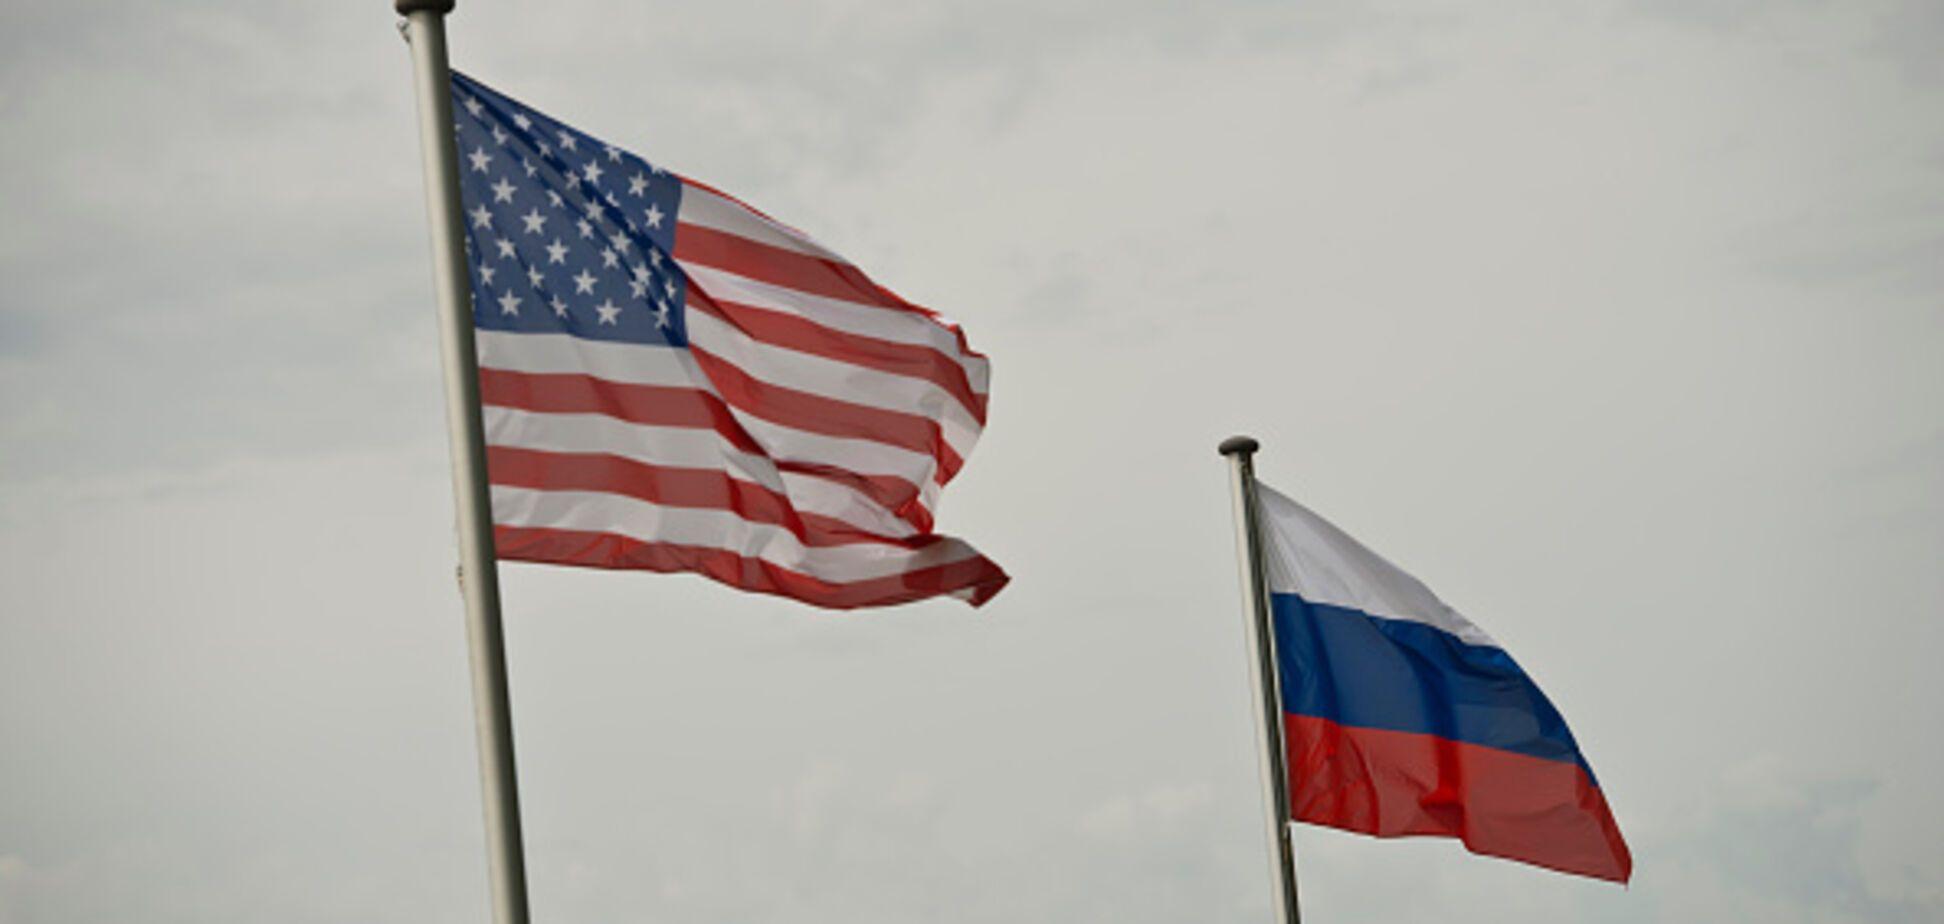 США ввели новые санкции против России из-за ситуации в Украине